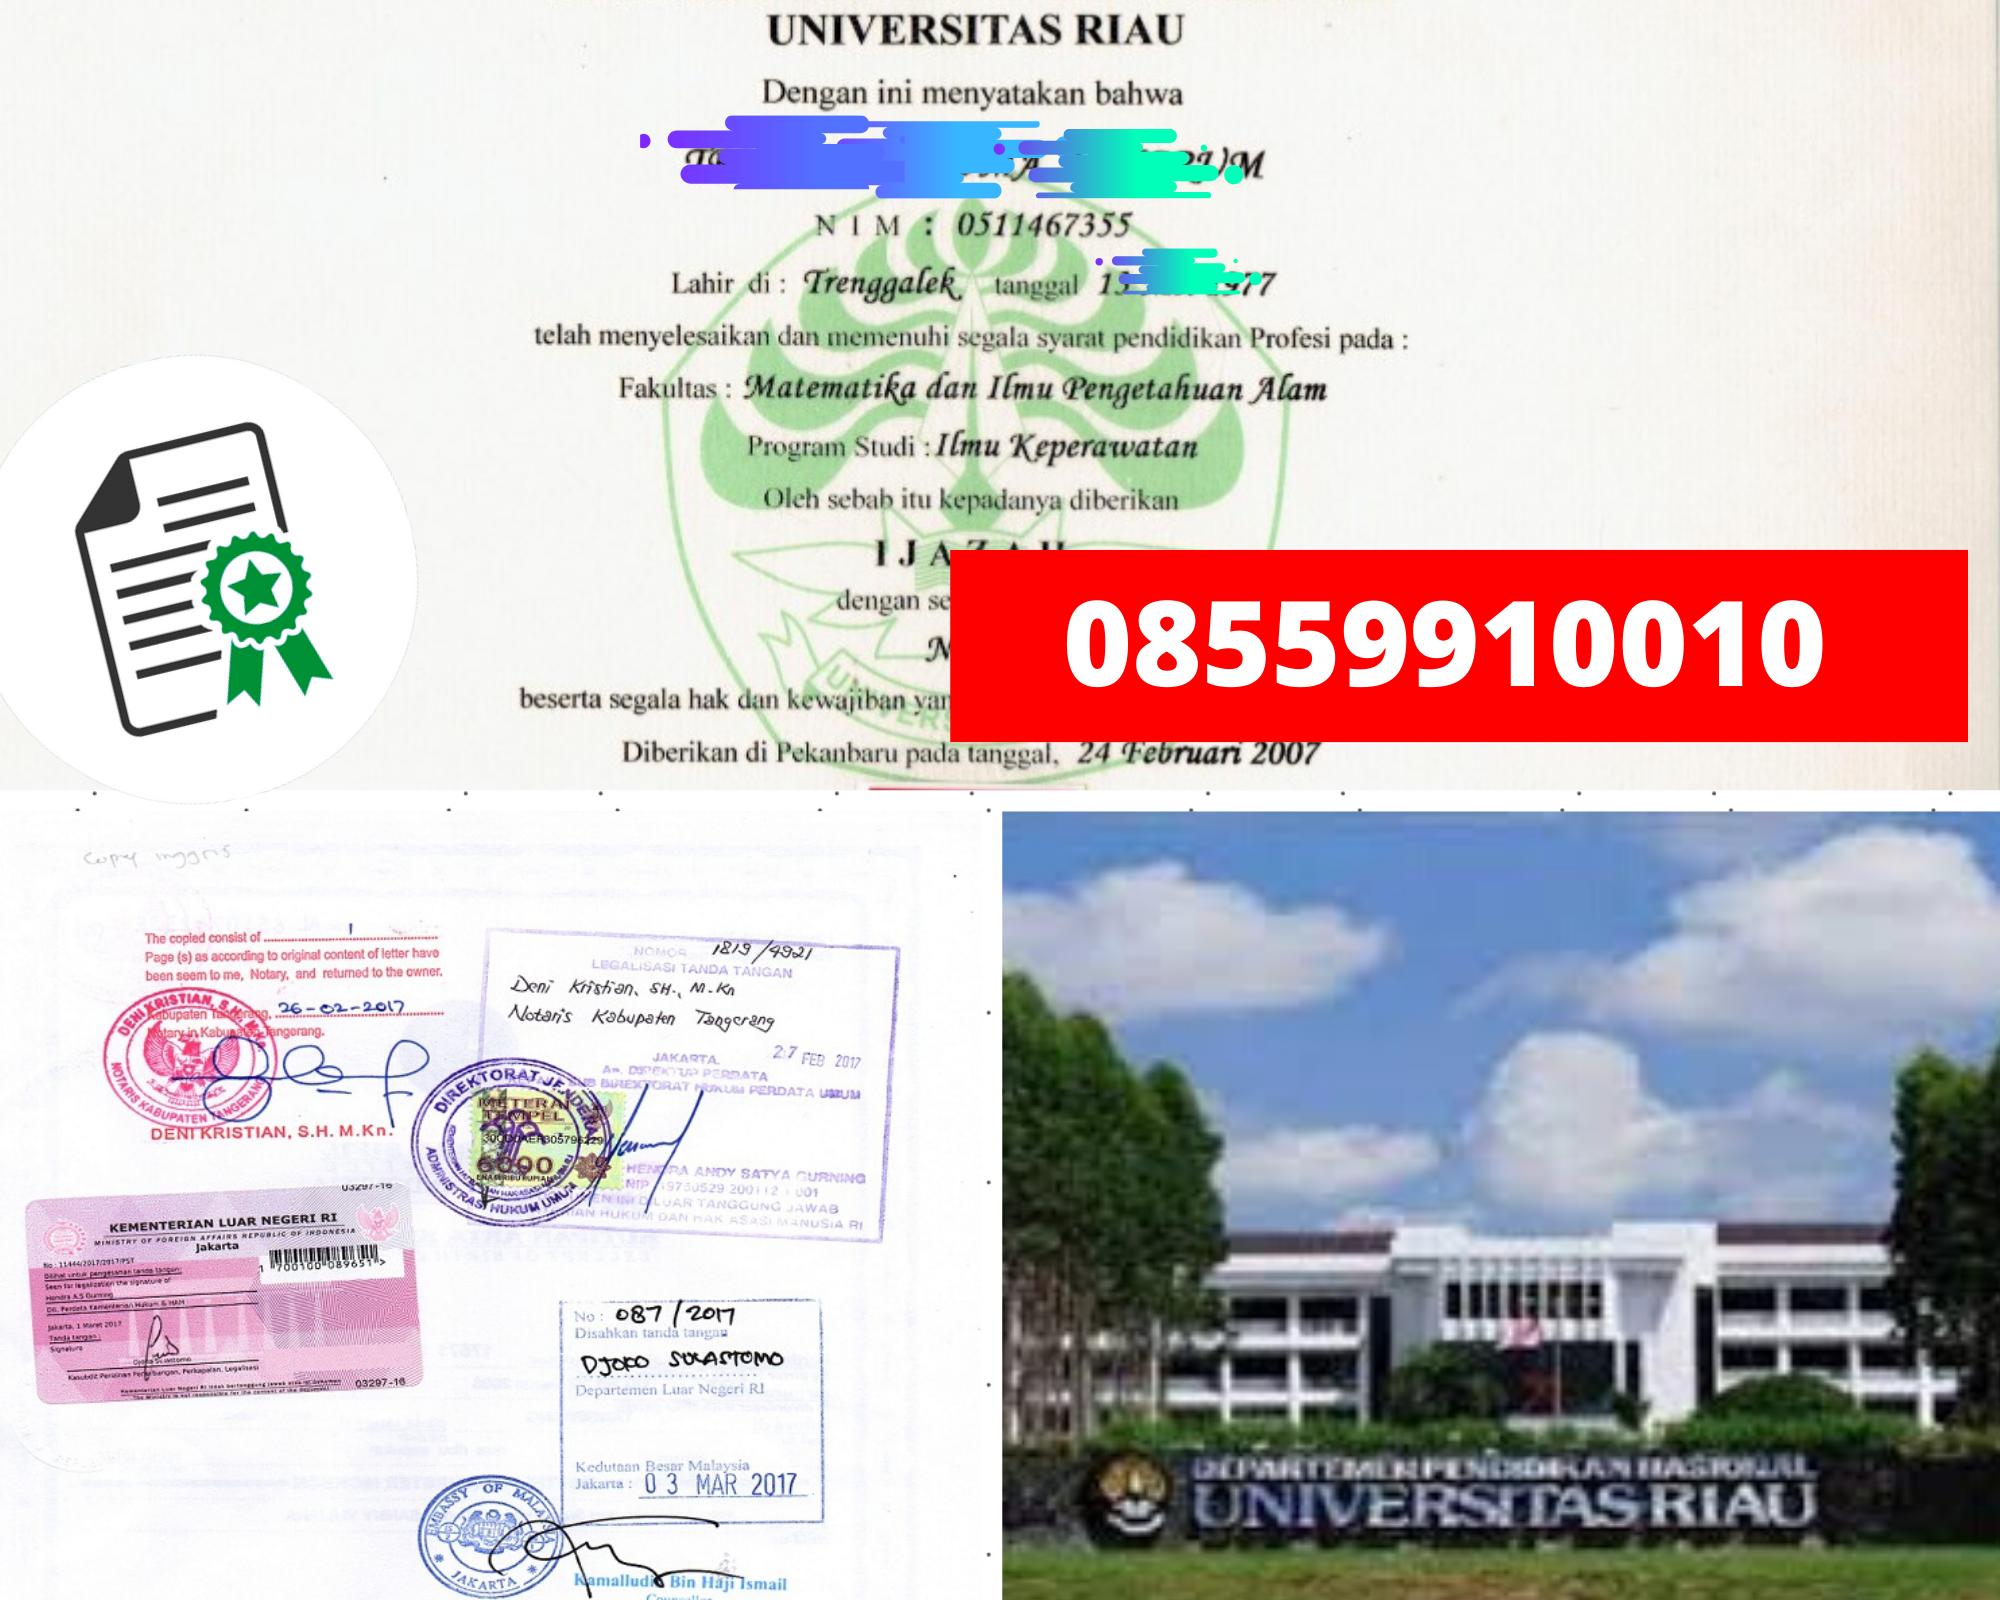 Legalisir Ijazah Universitas Riau Di Kemenristek Dikti    08559910010